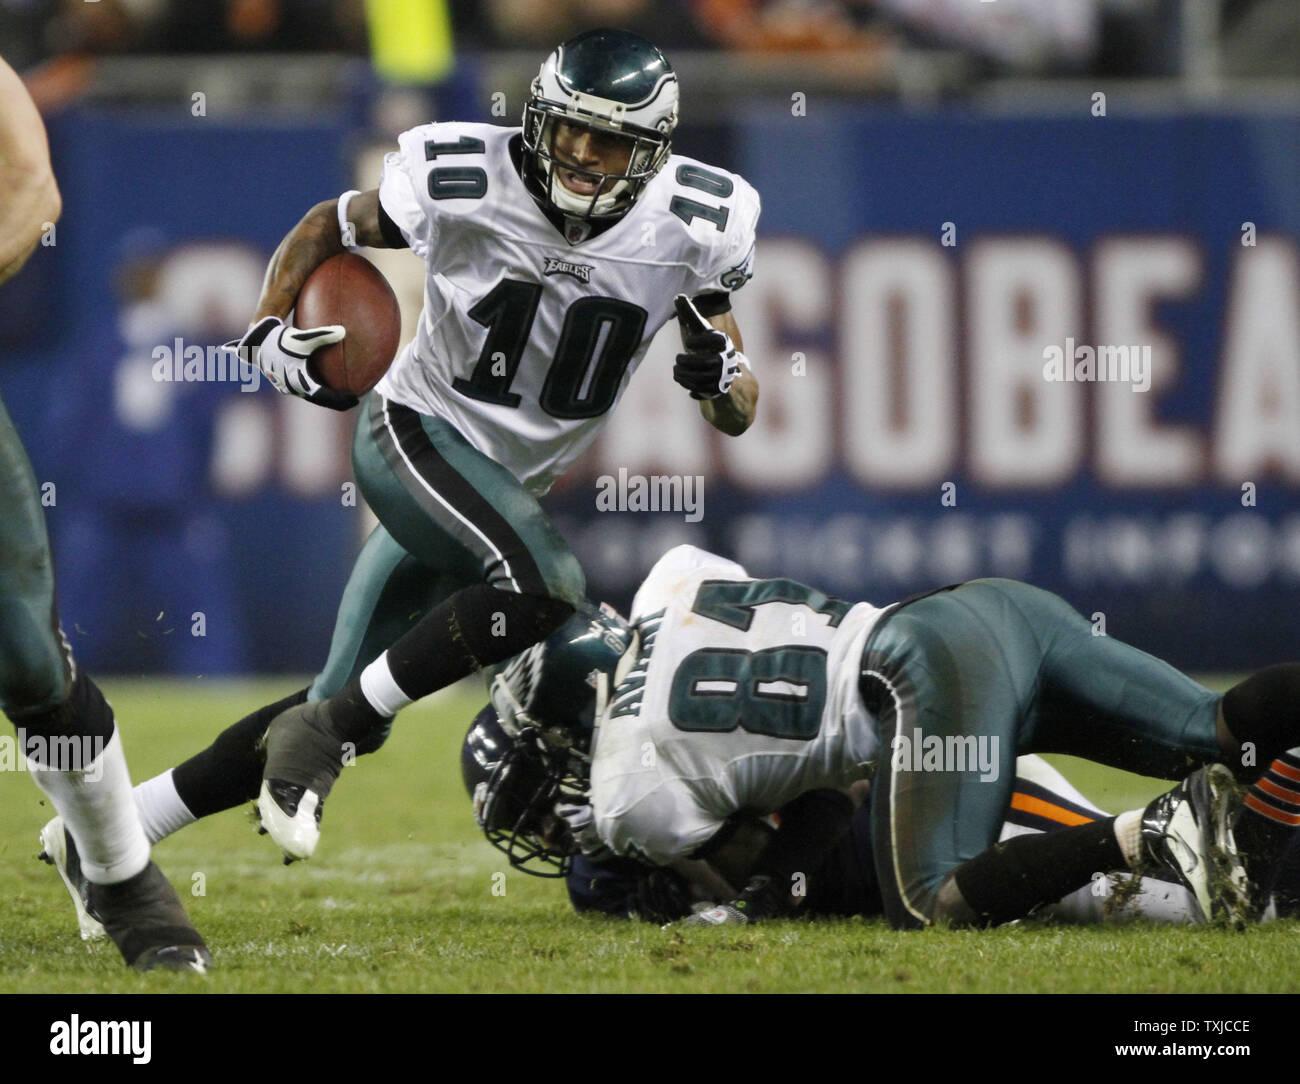 96c35592 Quarterback For Philadelphia Stock Photos & Quarterback For ...